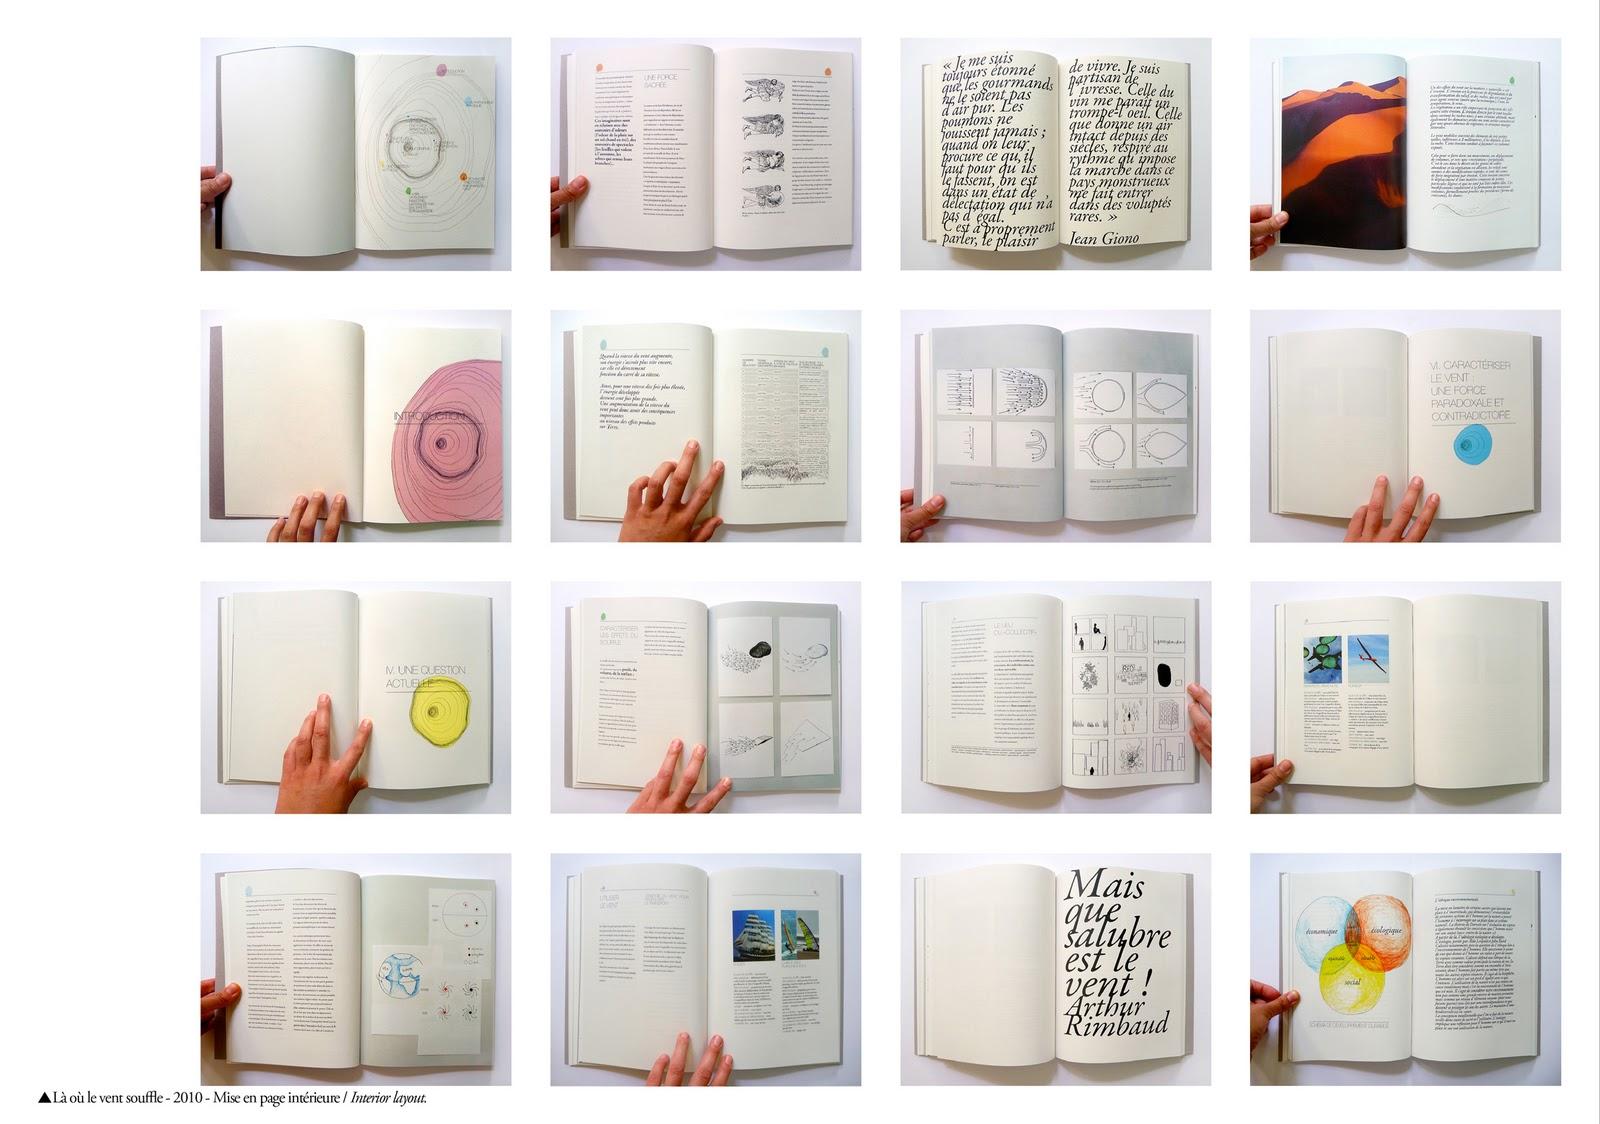 Bien connu Théorie sur la mise en page et les notions de graphisme | M.m HR04